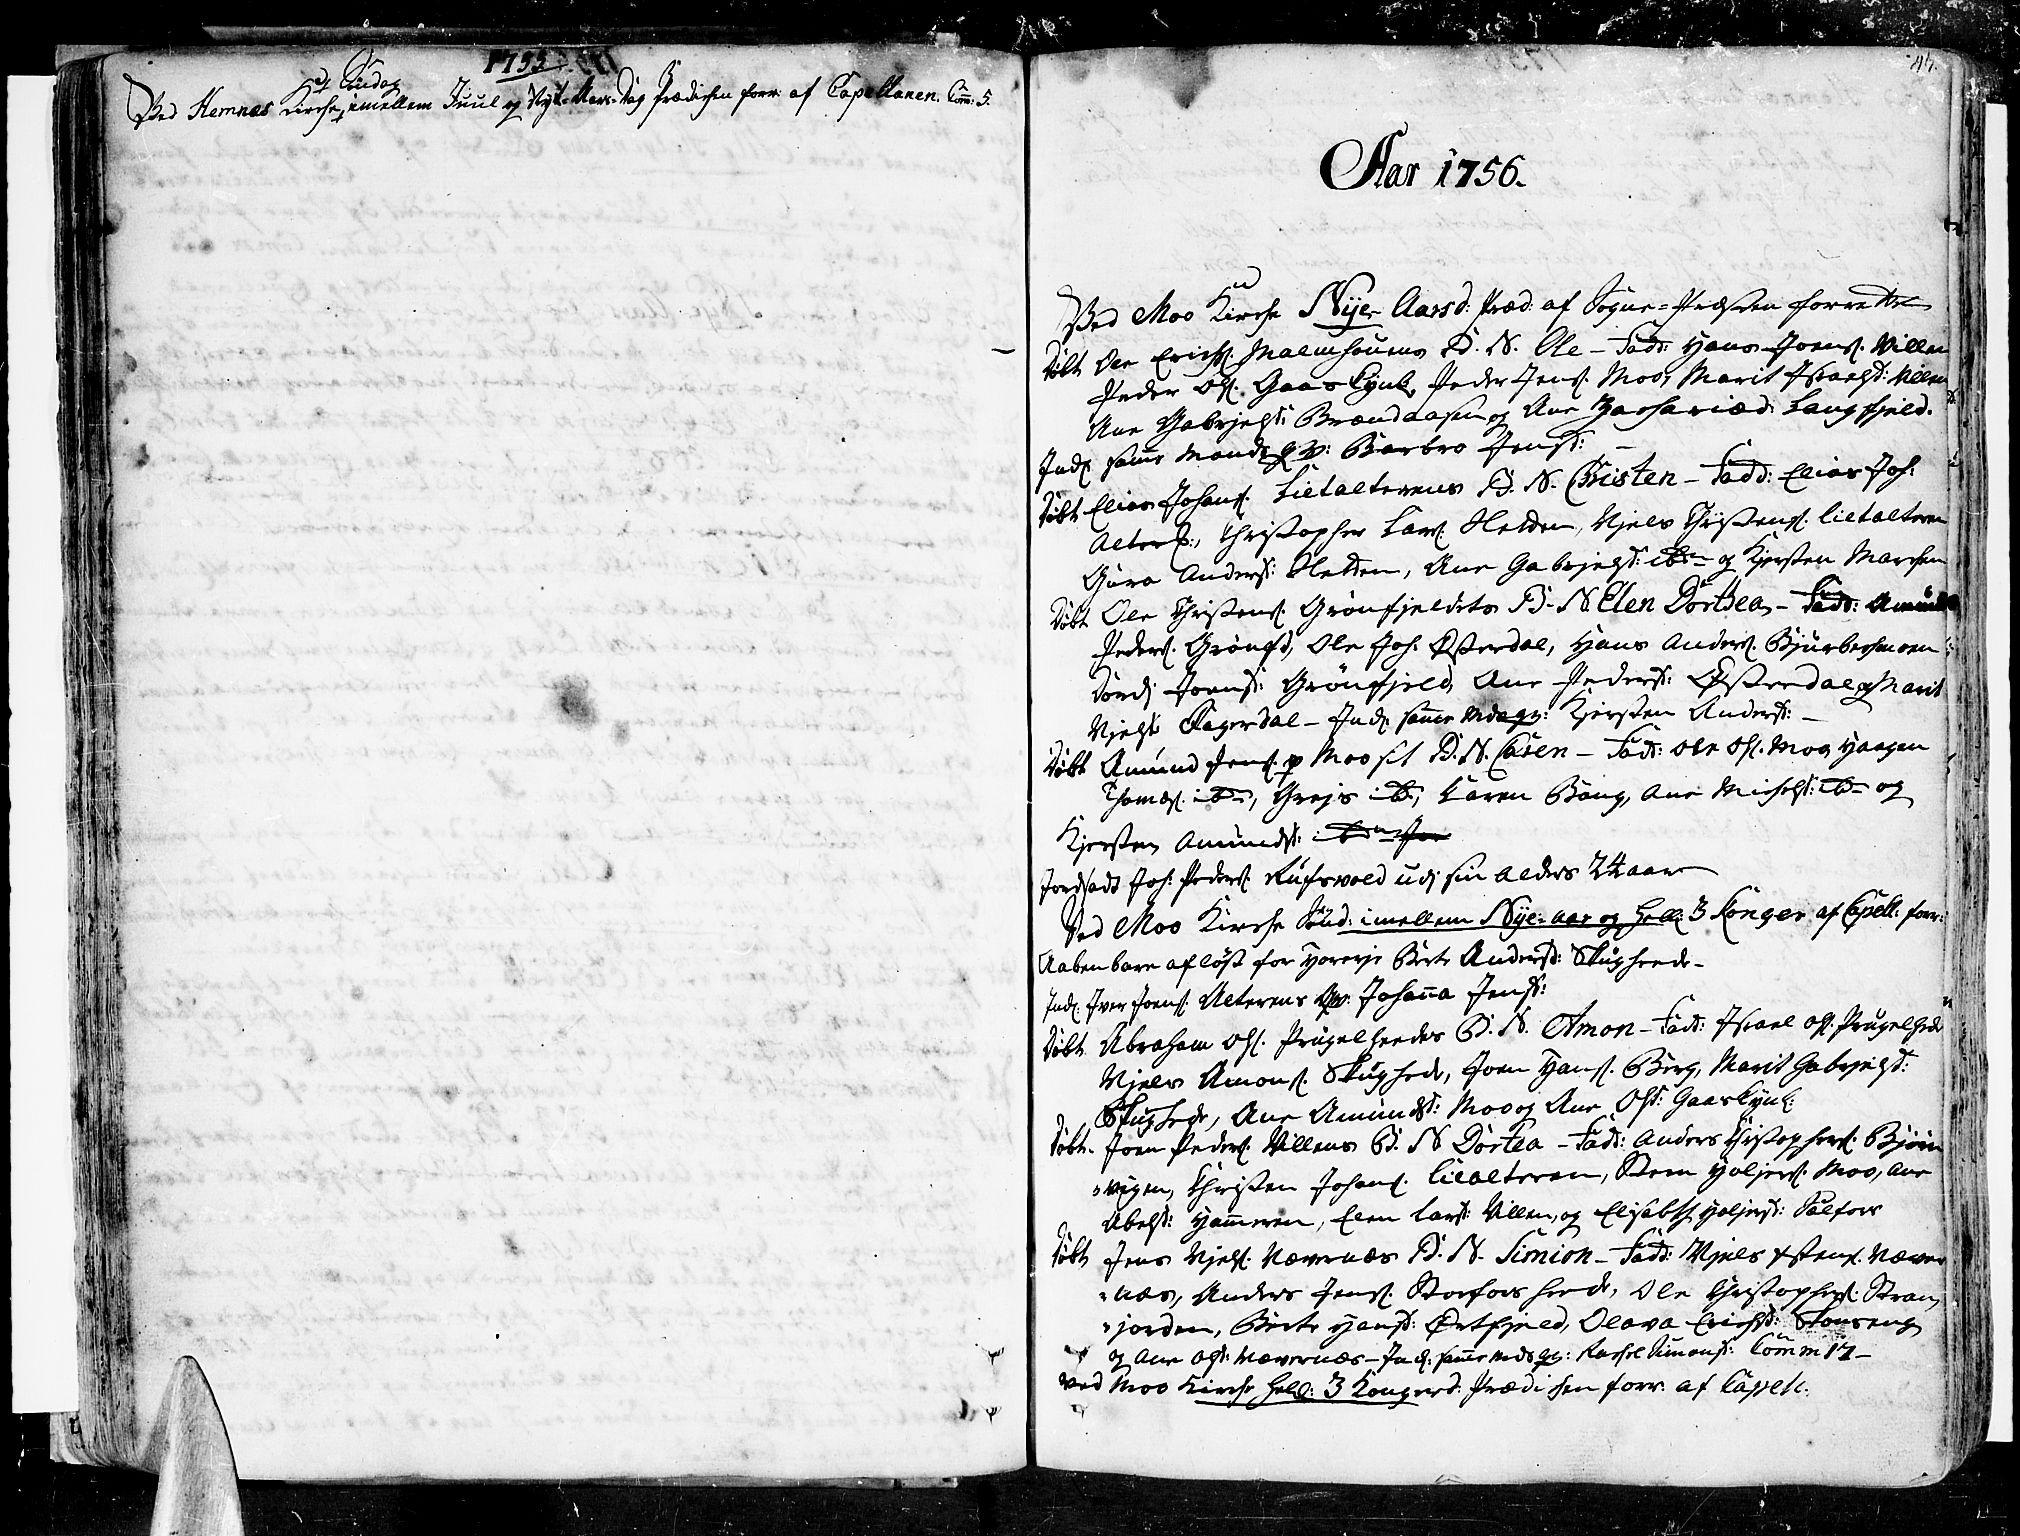 SAT, Ministerialprotokoller, klokkerbøker og fødselsregistre - Nordland, 825/L0348: Parish register (official) no. 825A04, 1752-1788, p. 47